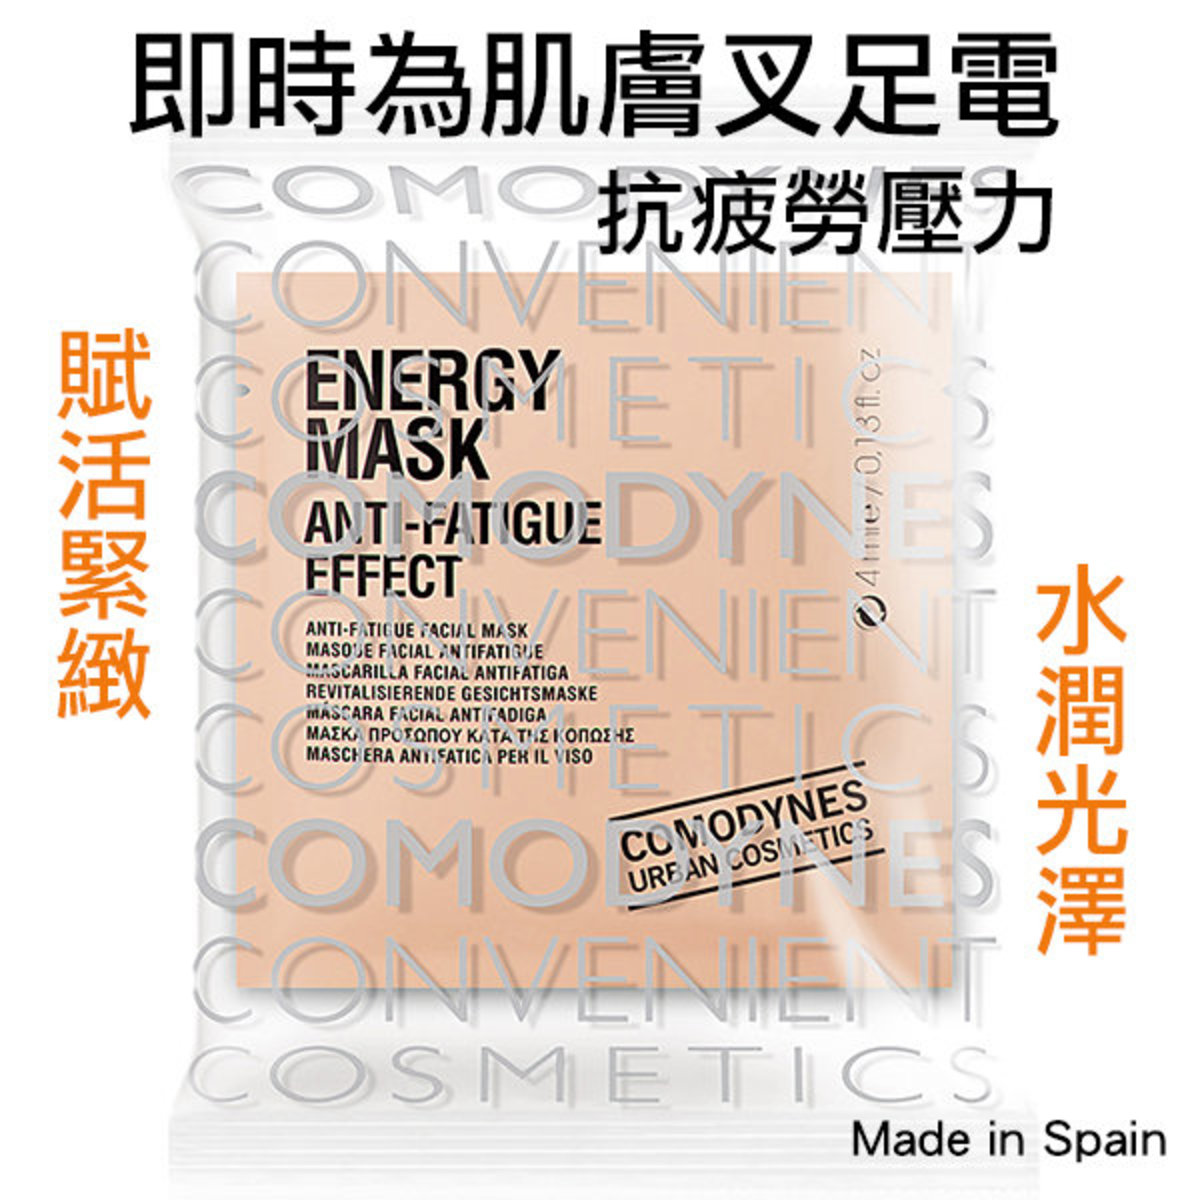 活力能量補充賦活乳霜面膜 4ml x 5片裝 - (香港行貨)